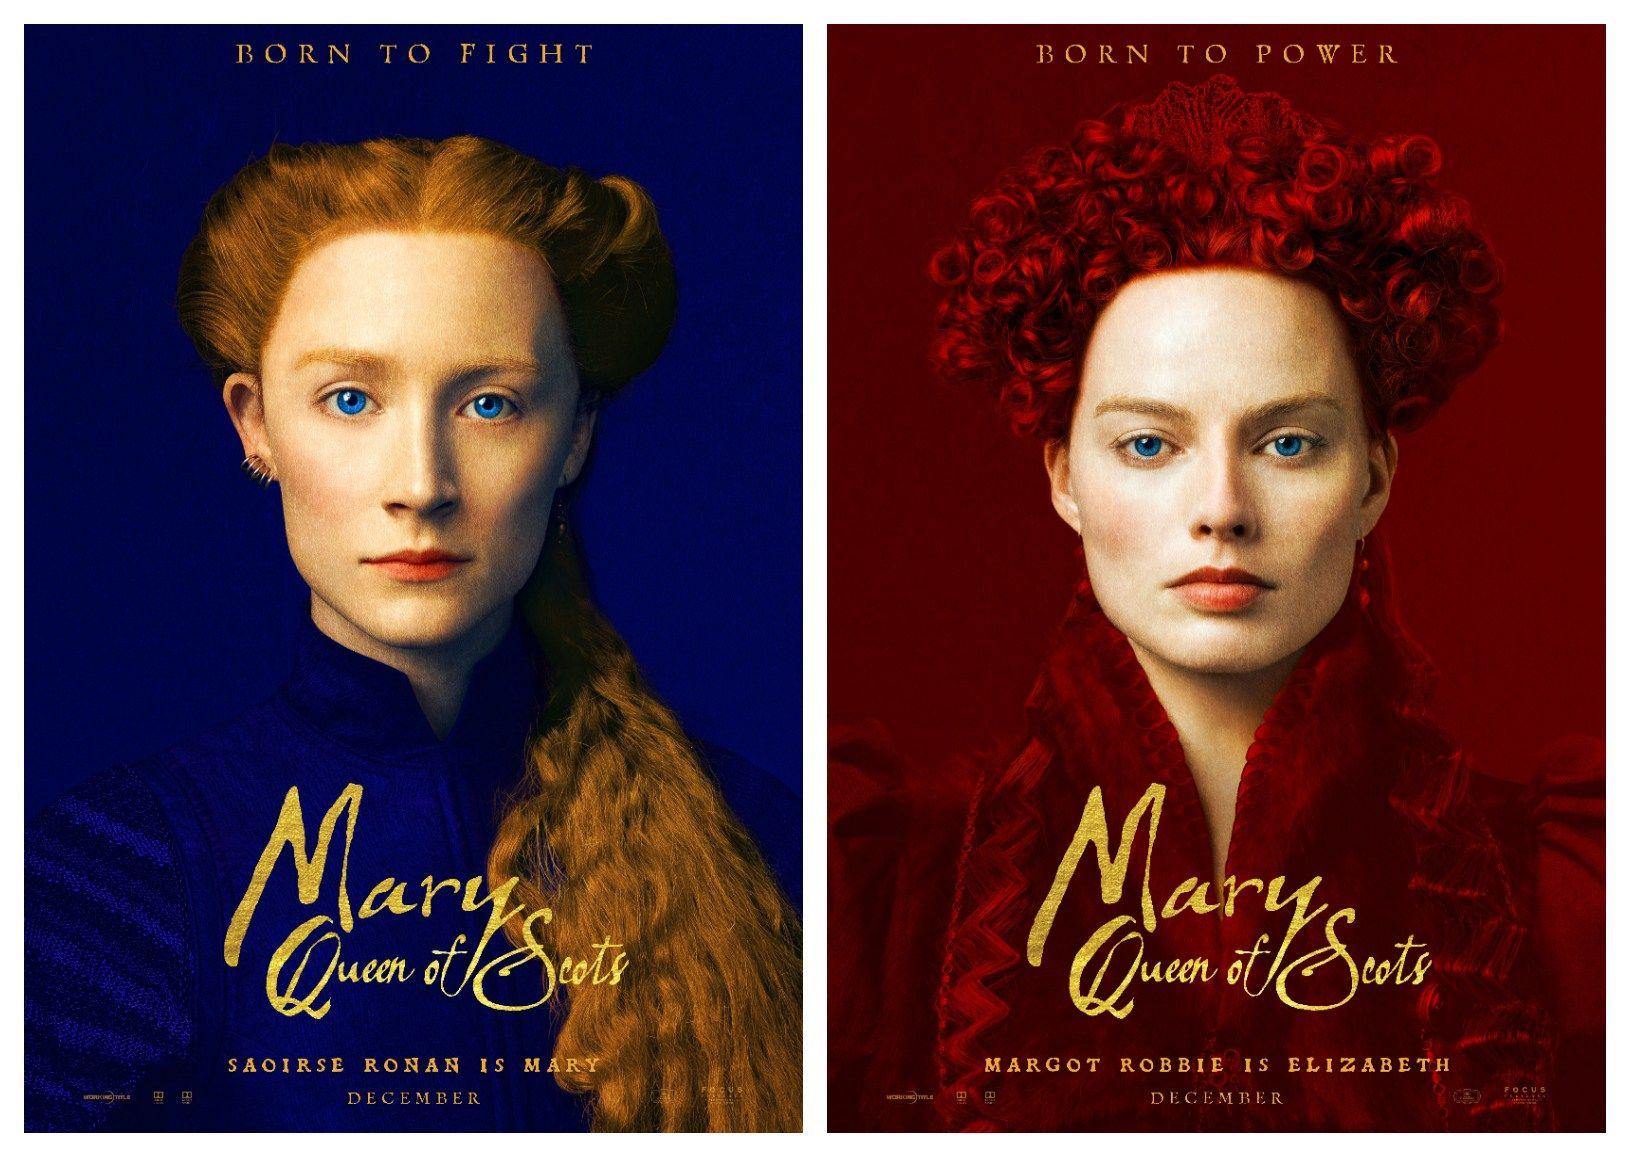 Mary, Queen of Scots | Mary queen of scots, Margot robbie, Elizabeth i